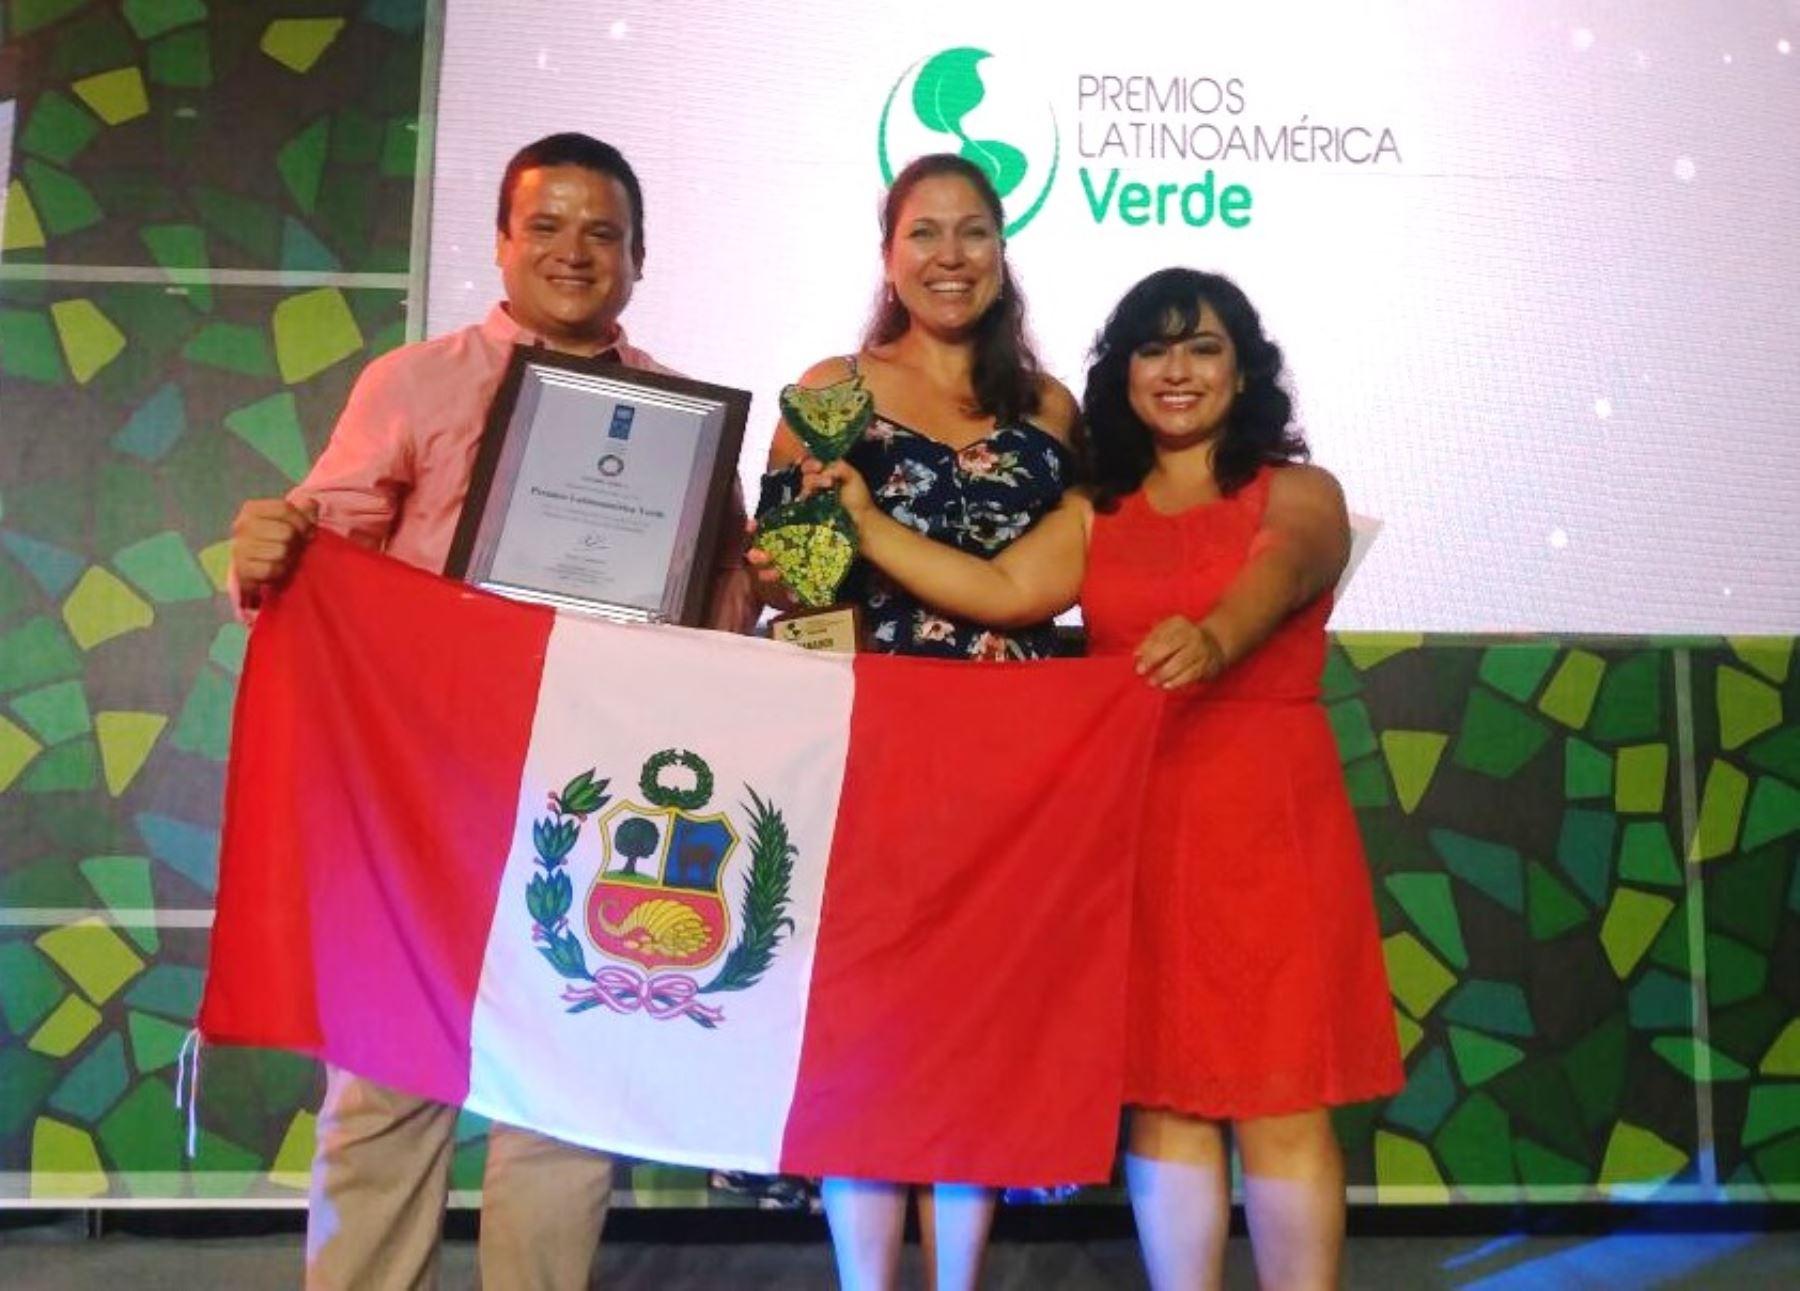 Perú gana premio Latinoamericano de biodiversidad con proyecto amazónico. Foto: ANDINA/Difusión.